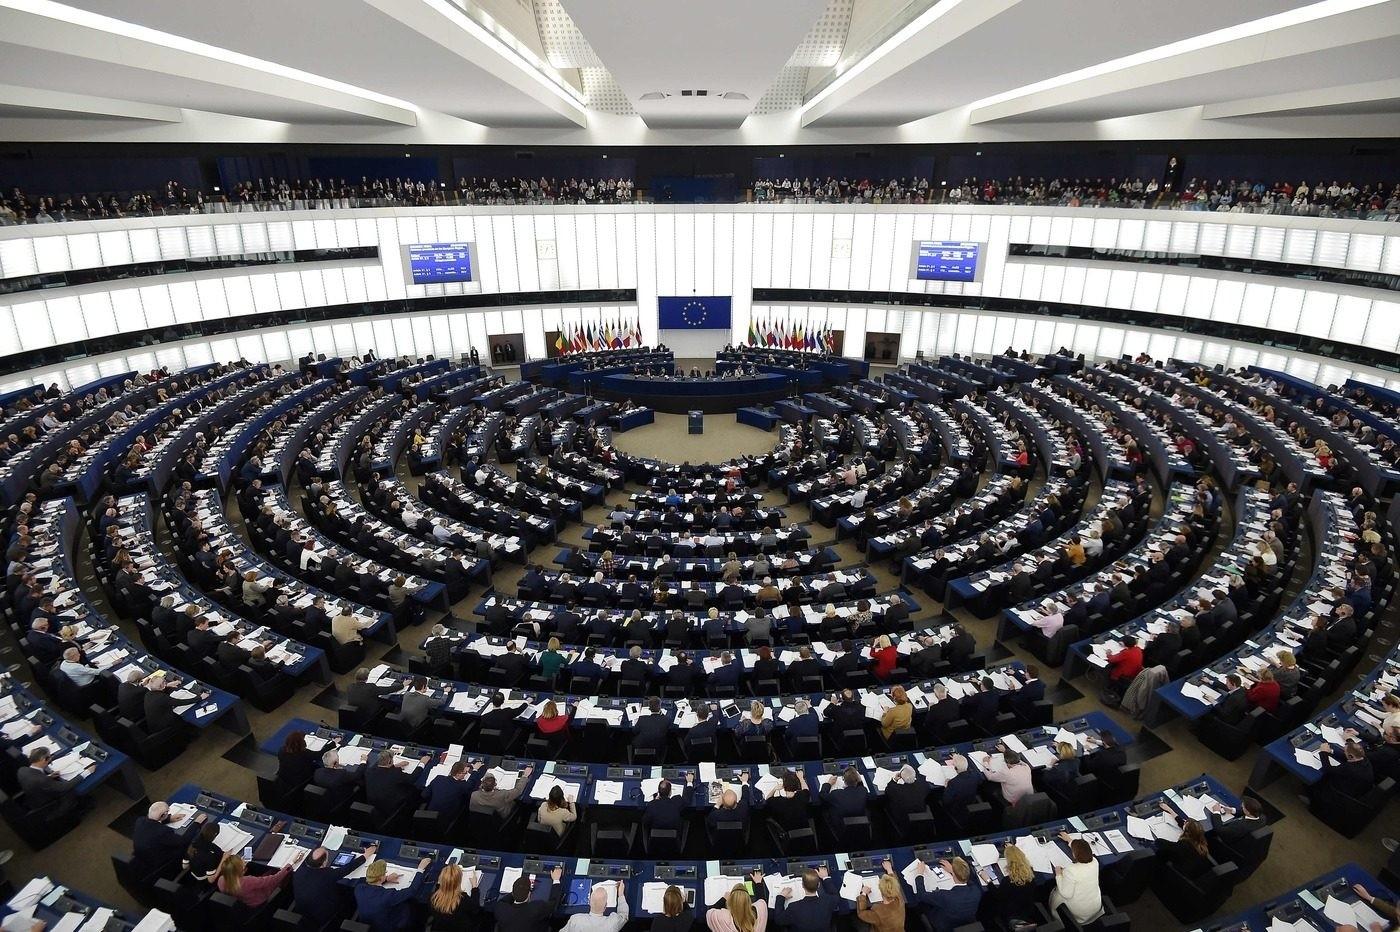 Approvata risoluzione Parlamento europeo: restrizioni da mantenere nell'alveo dello Stato di diritto - Terra Nuova